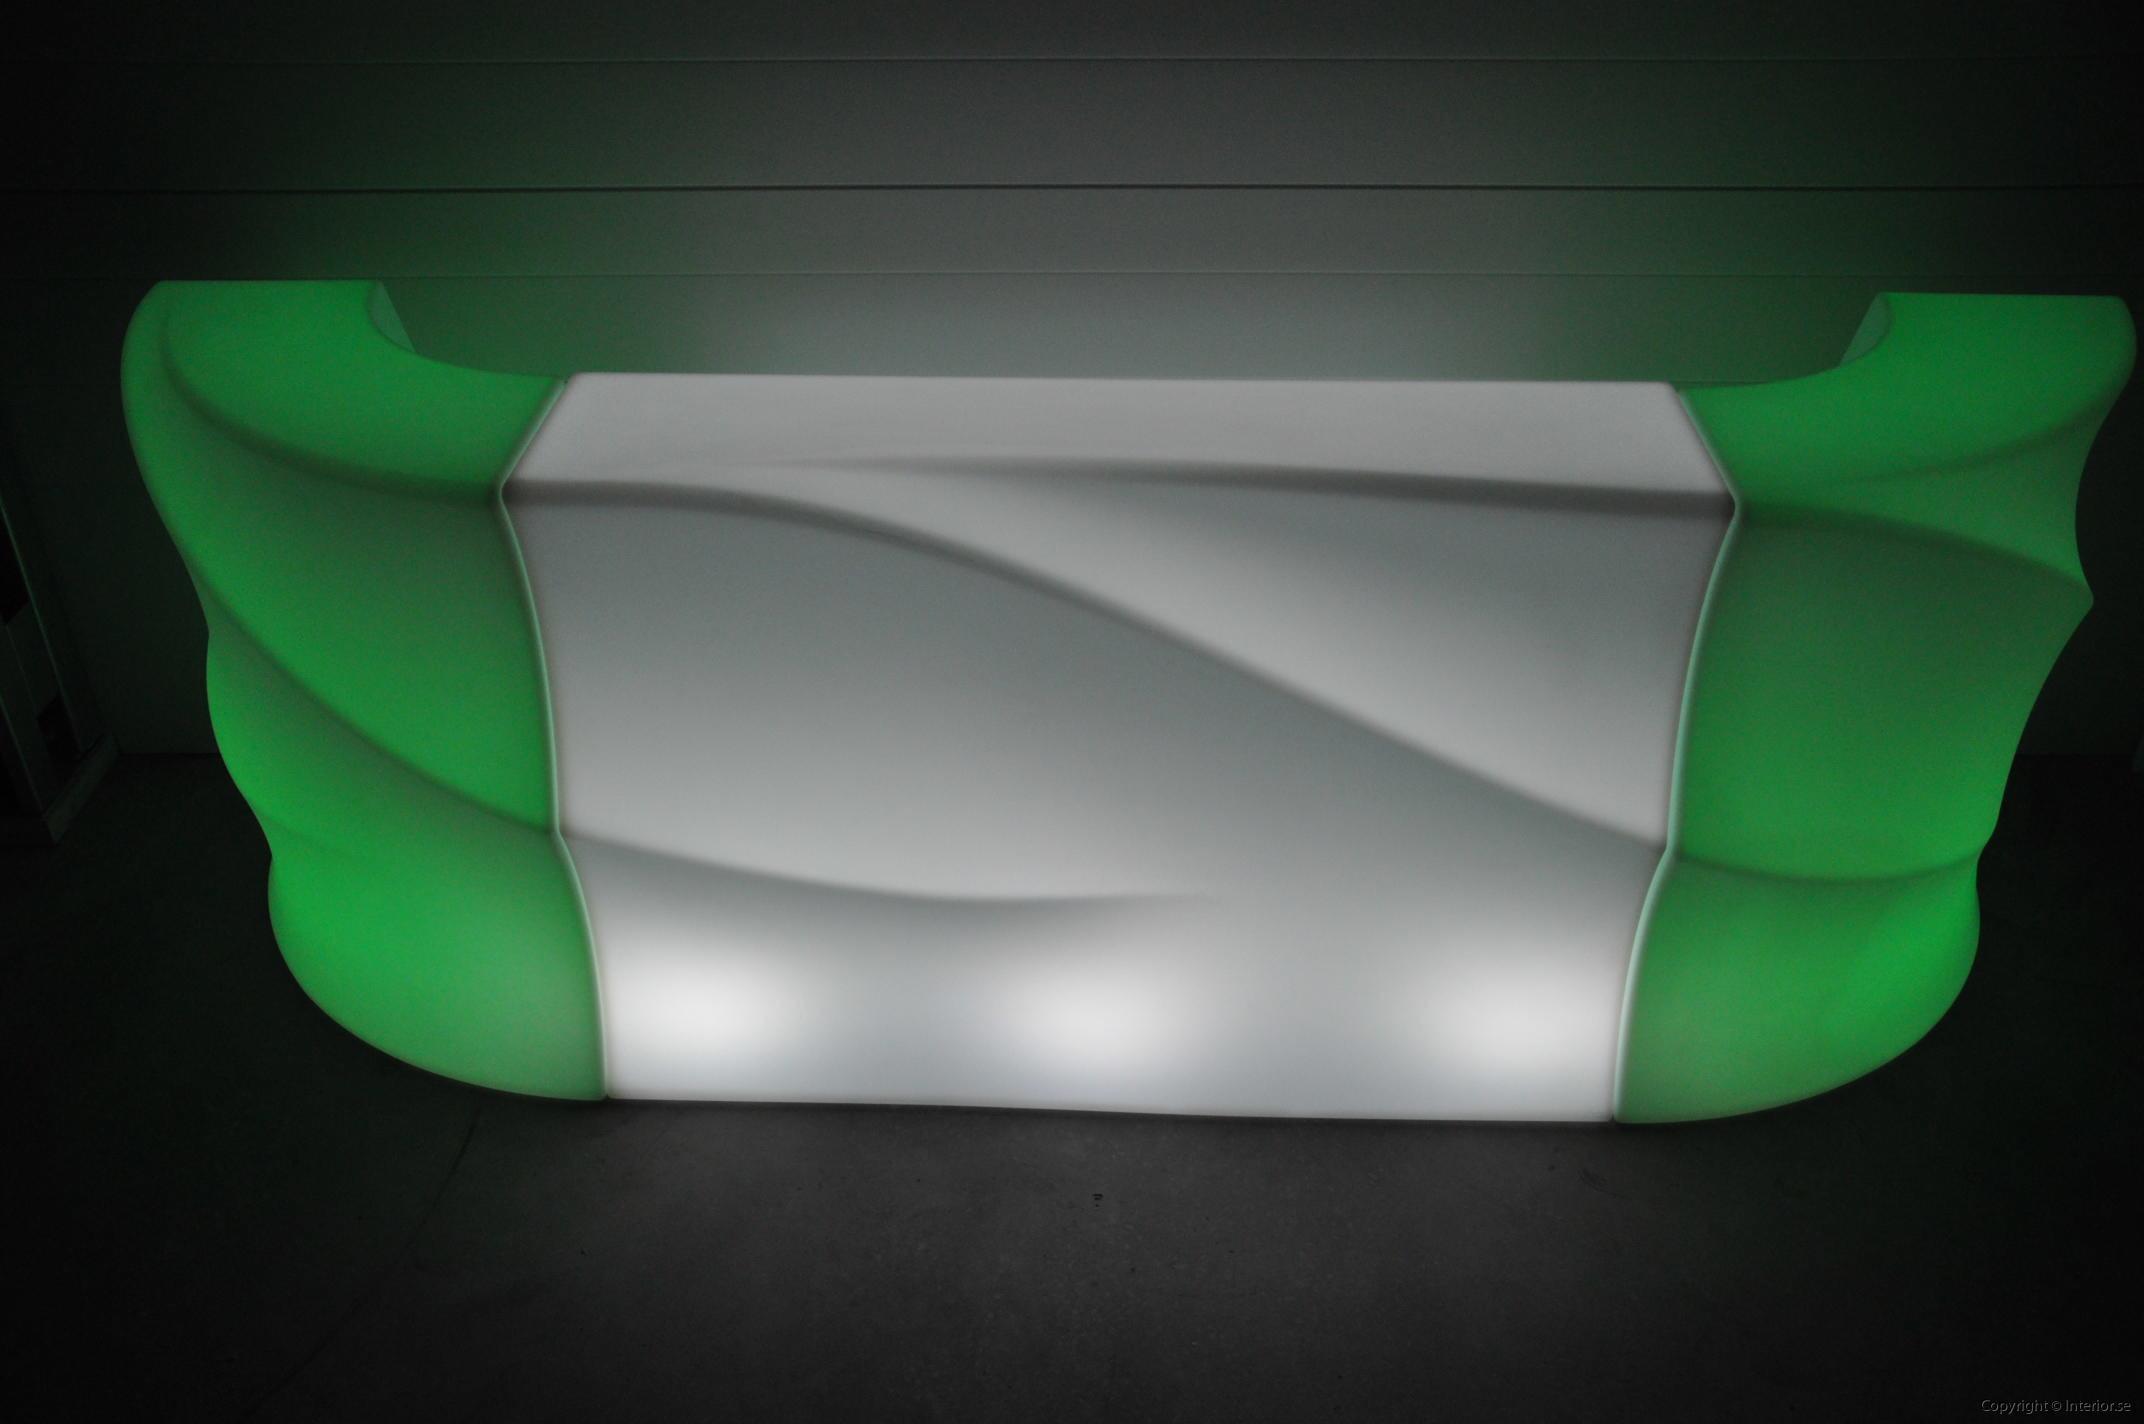 Hyra LED bardisk stockholm, New Wave 320 cm - batteri (13)